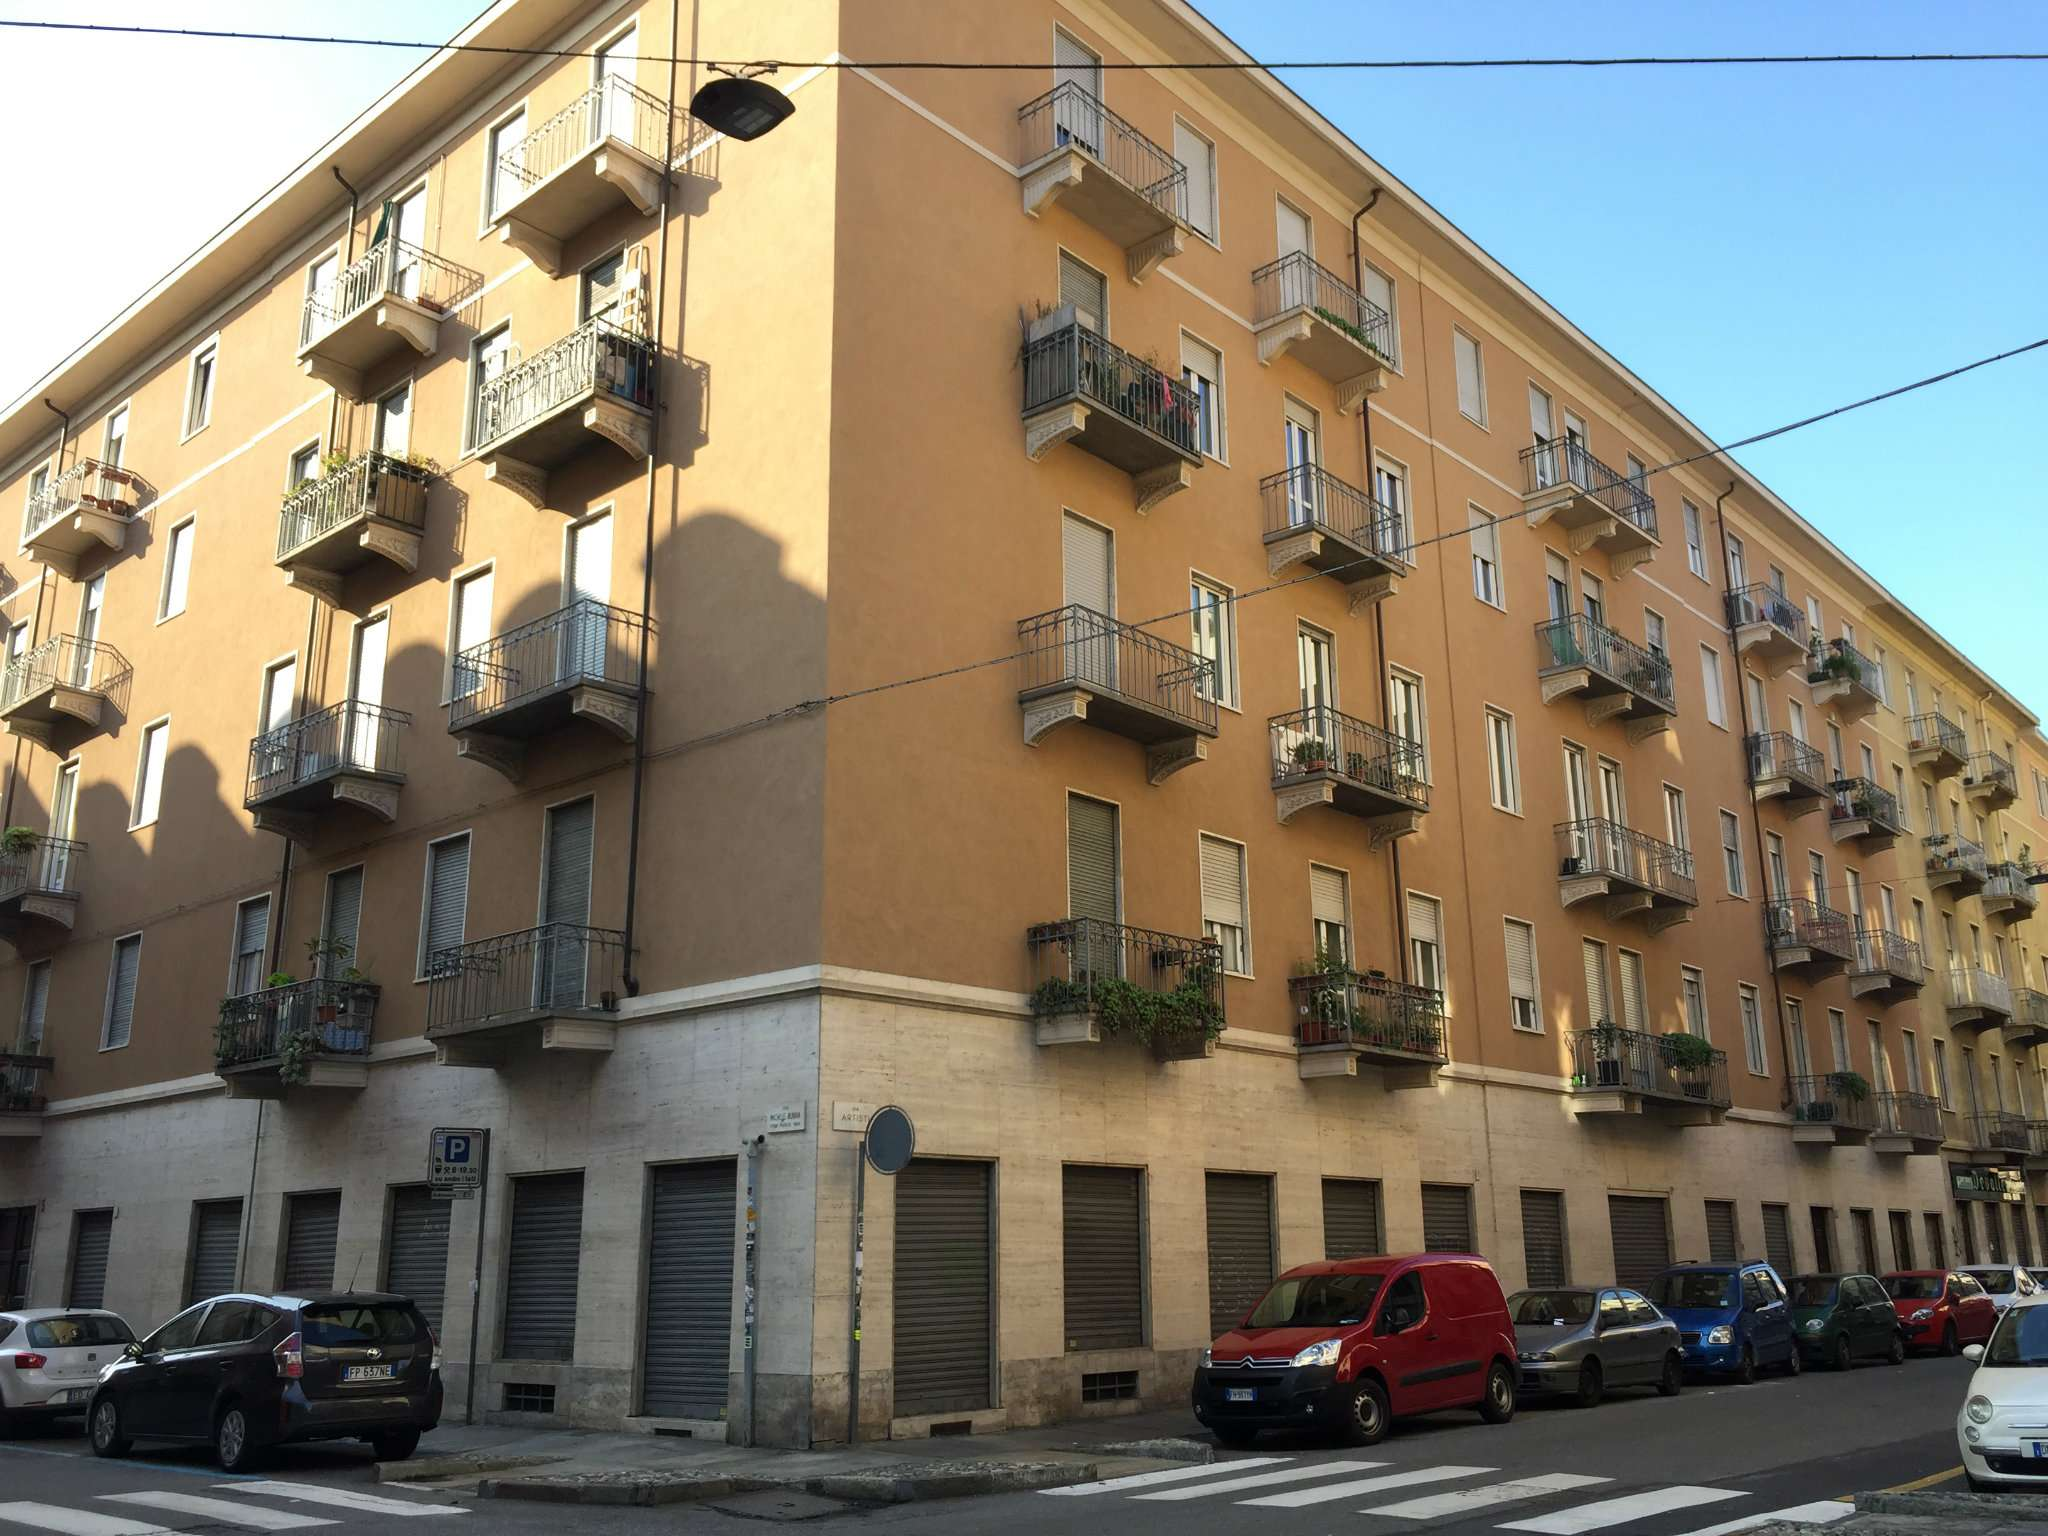 Torino Torino Vendita APPARTAMENTO , annunci vendita appartamenti torino